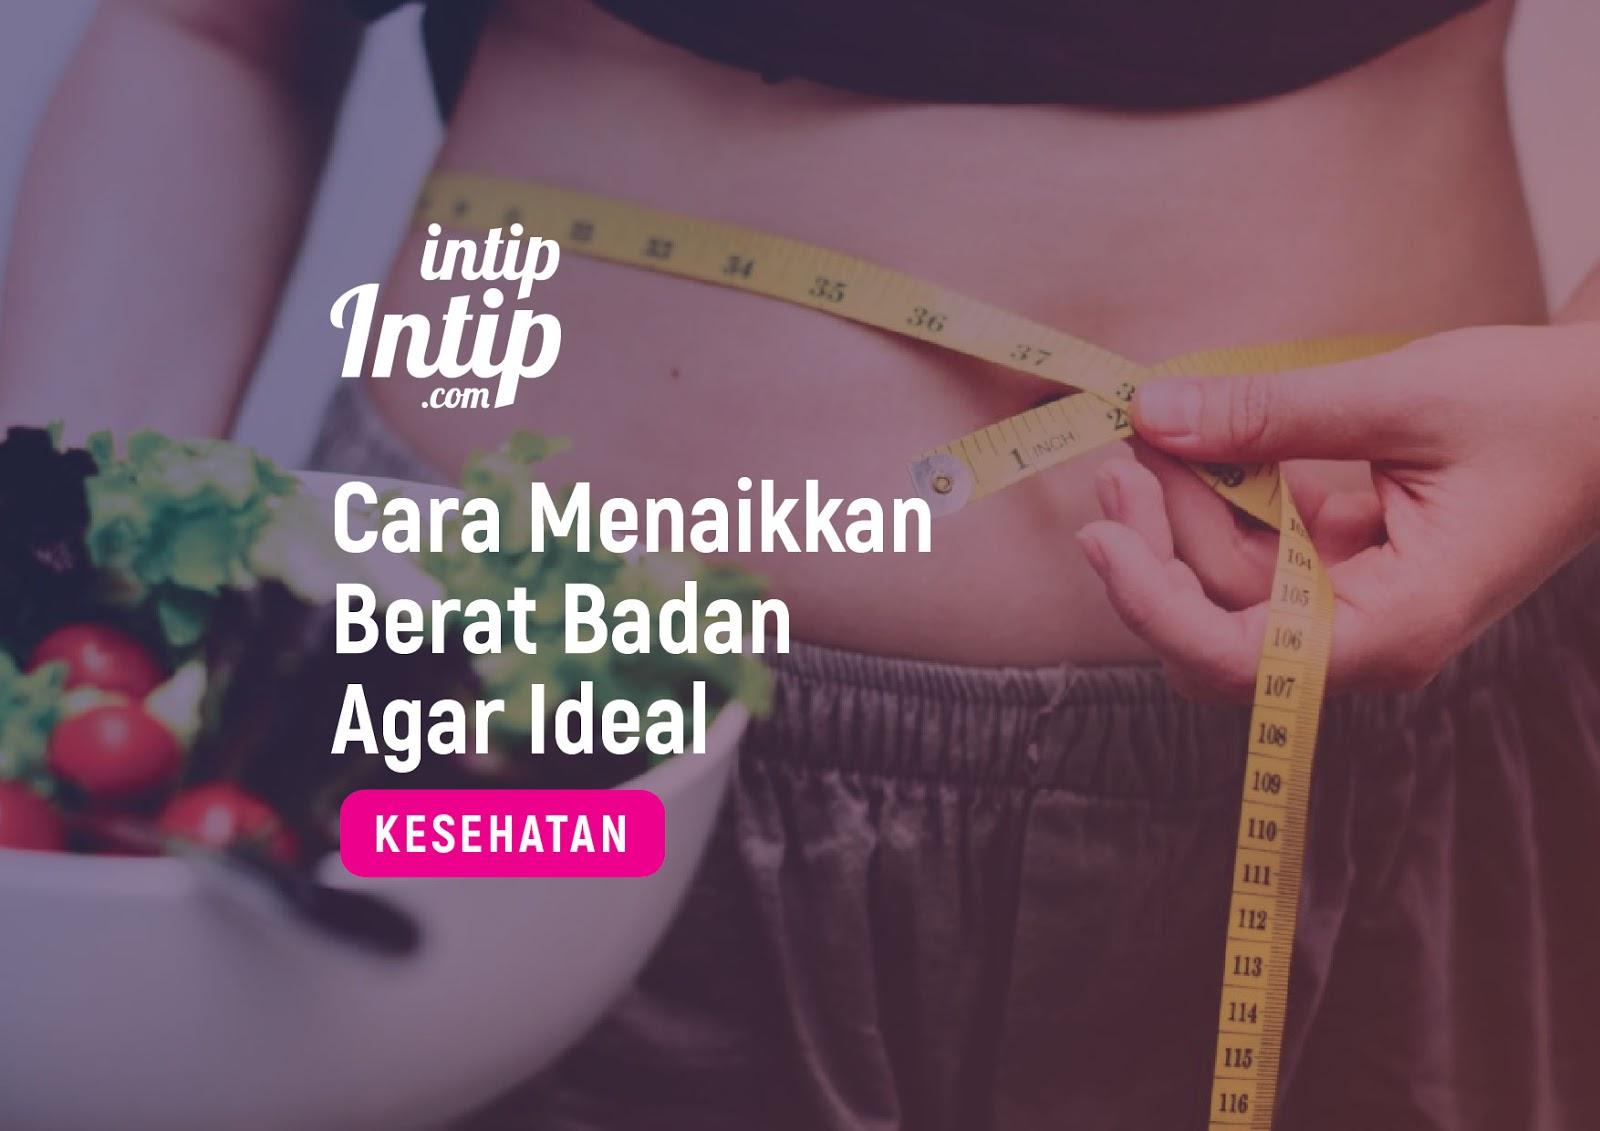 Cara Menaikkan Berat Badan Agar Ideal